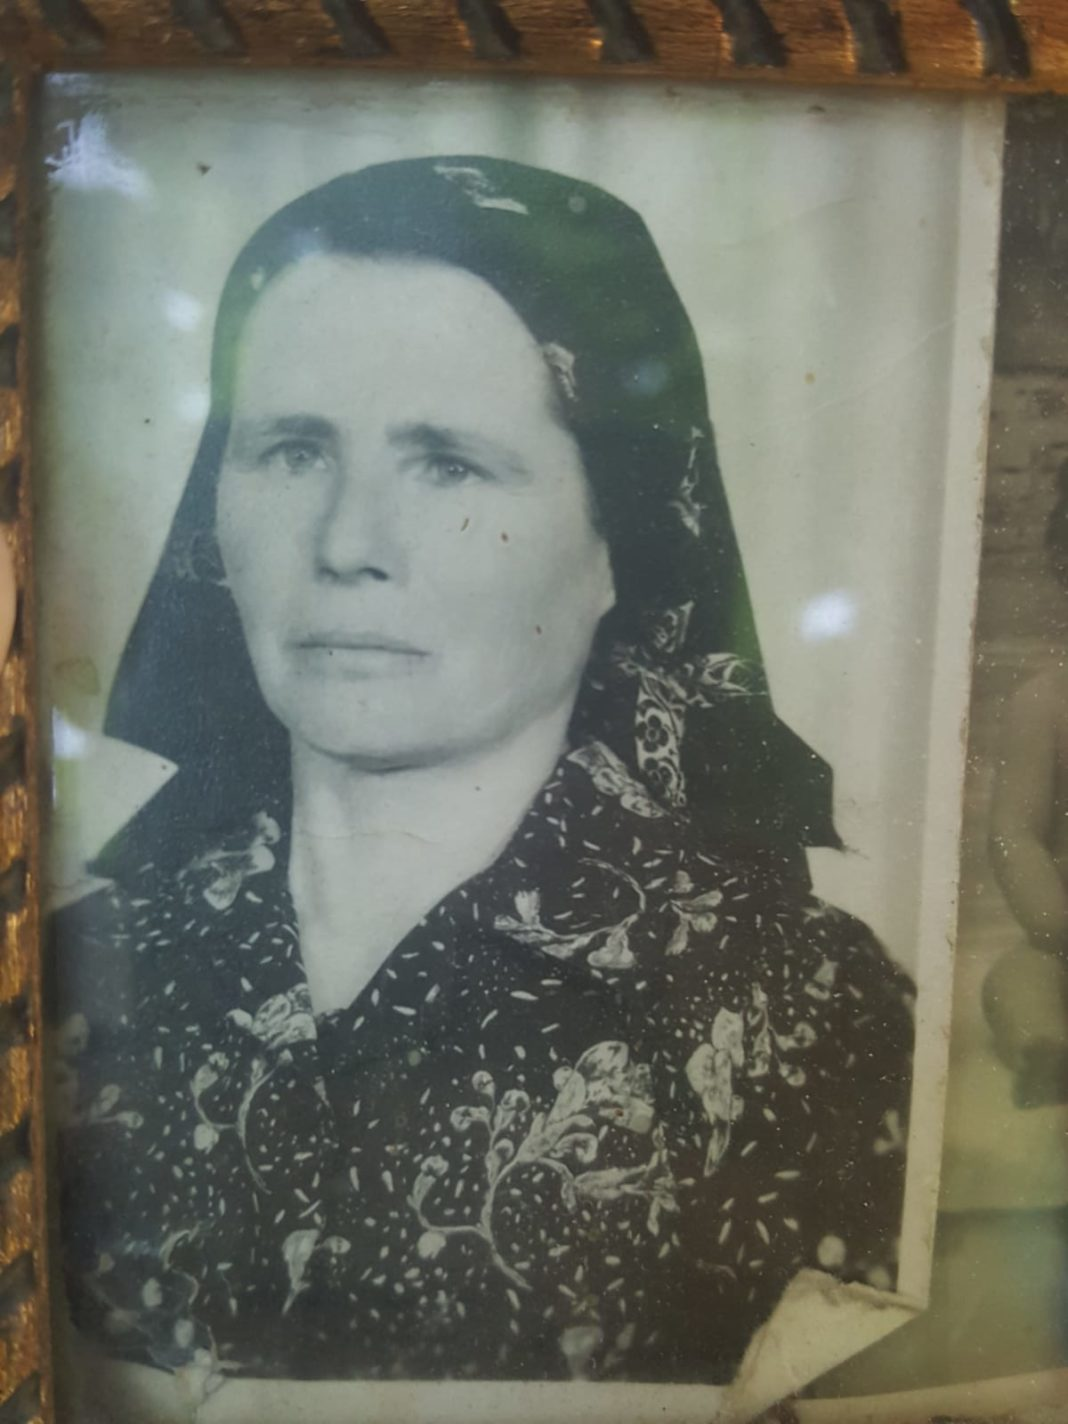 O bătrână a dispărut de la domiciliu, cine o vede să sune la 112